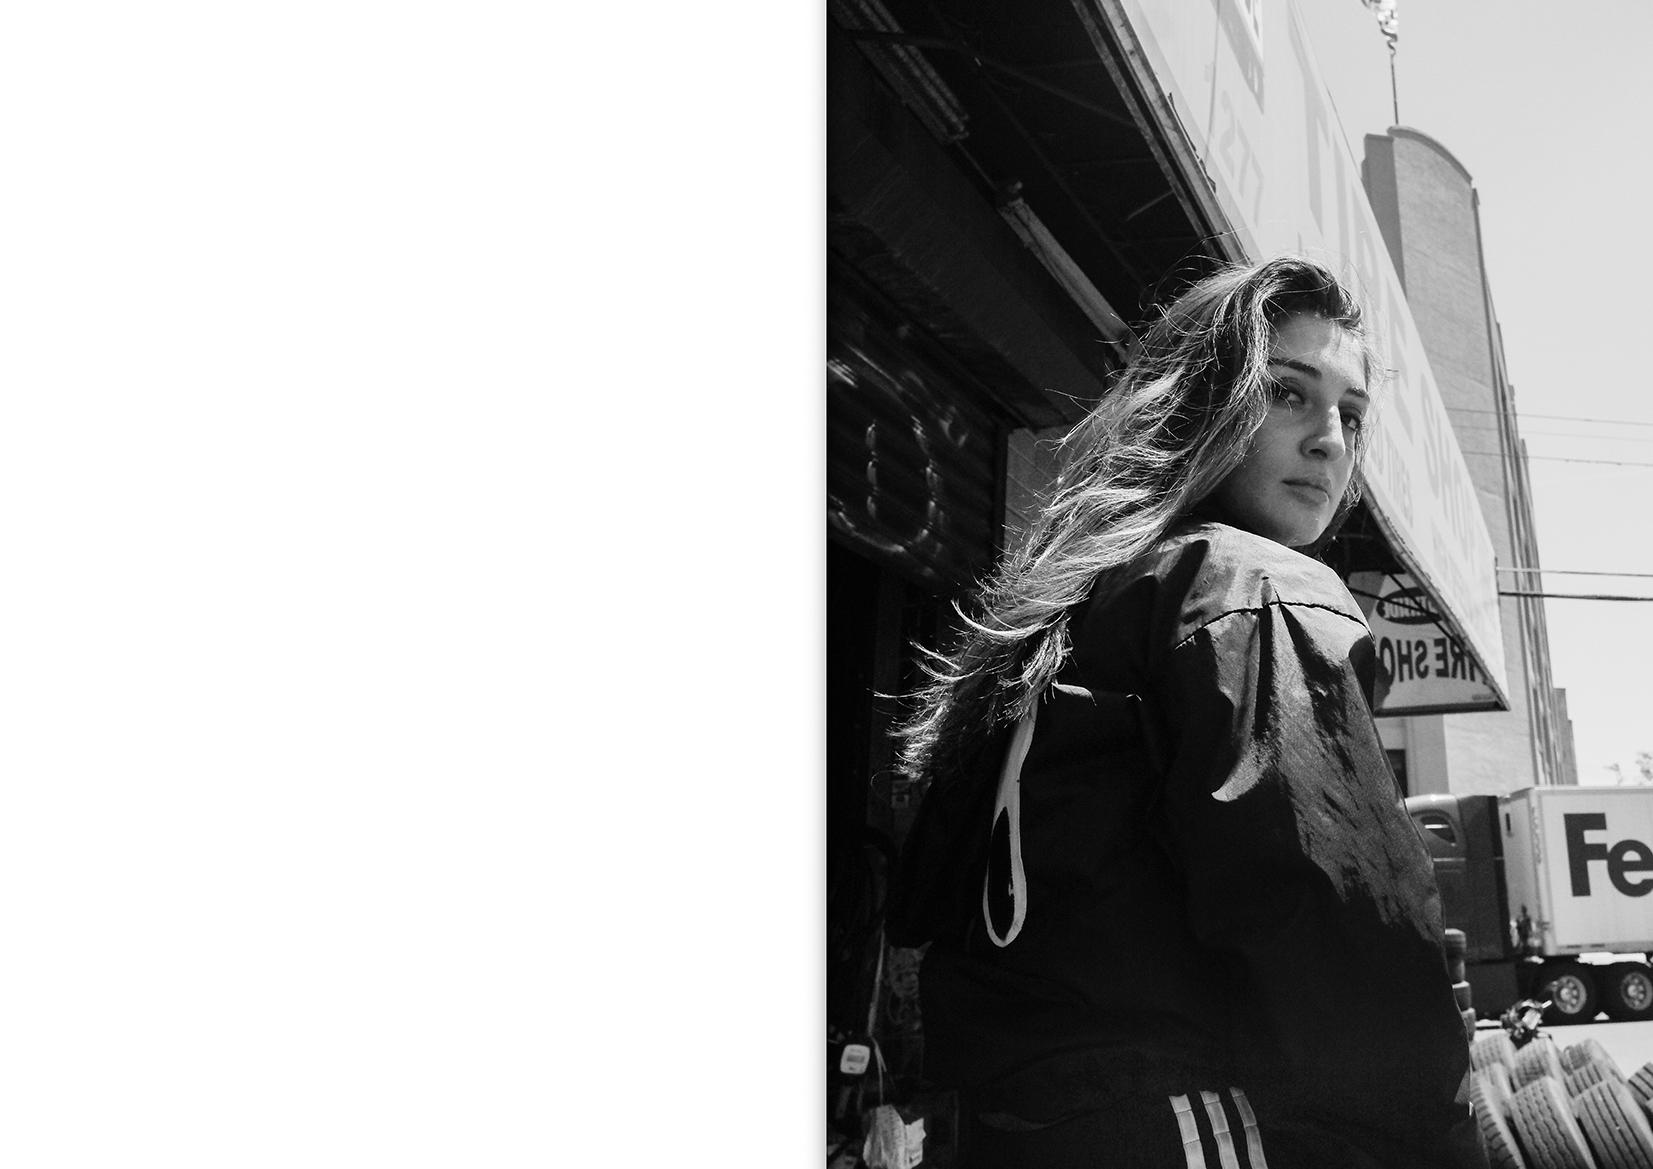 NicoloBernardi-SophiaSaze-MixMag4.jpg